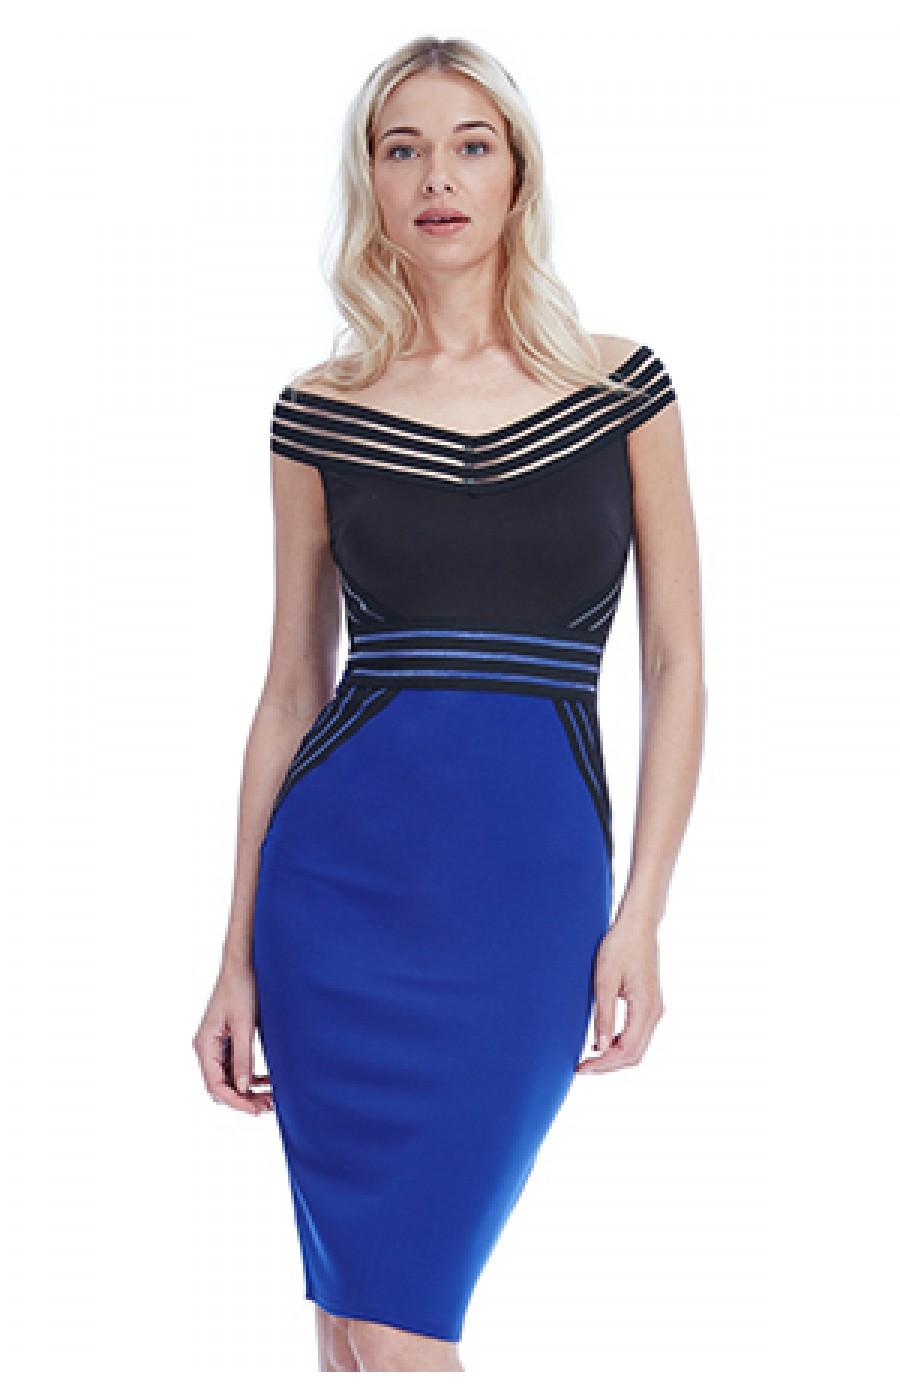 Φορεμα με λεπτομερειες απο λαστιχο και διαφανεια σε μαυρο με μπλε